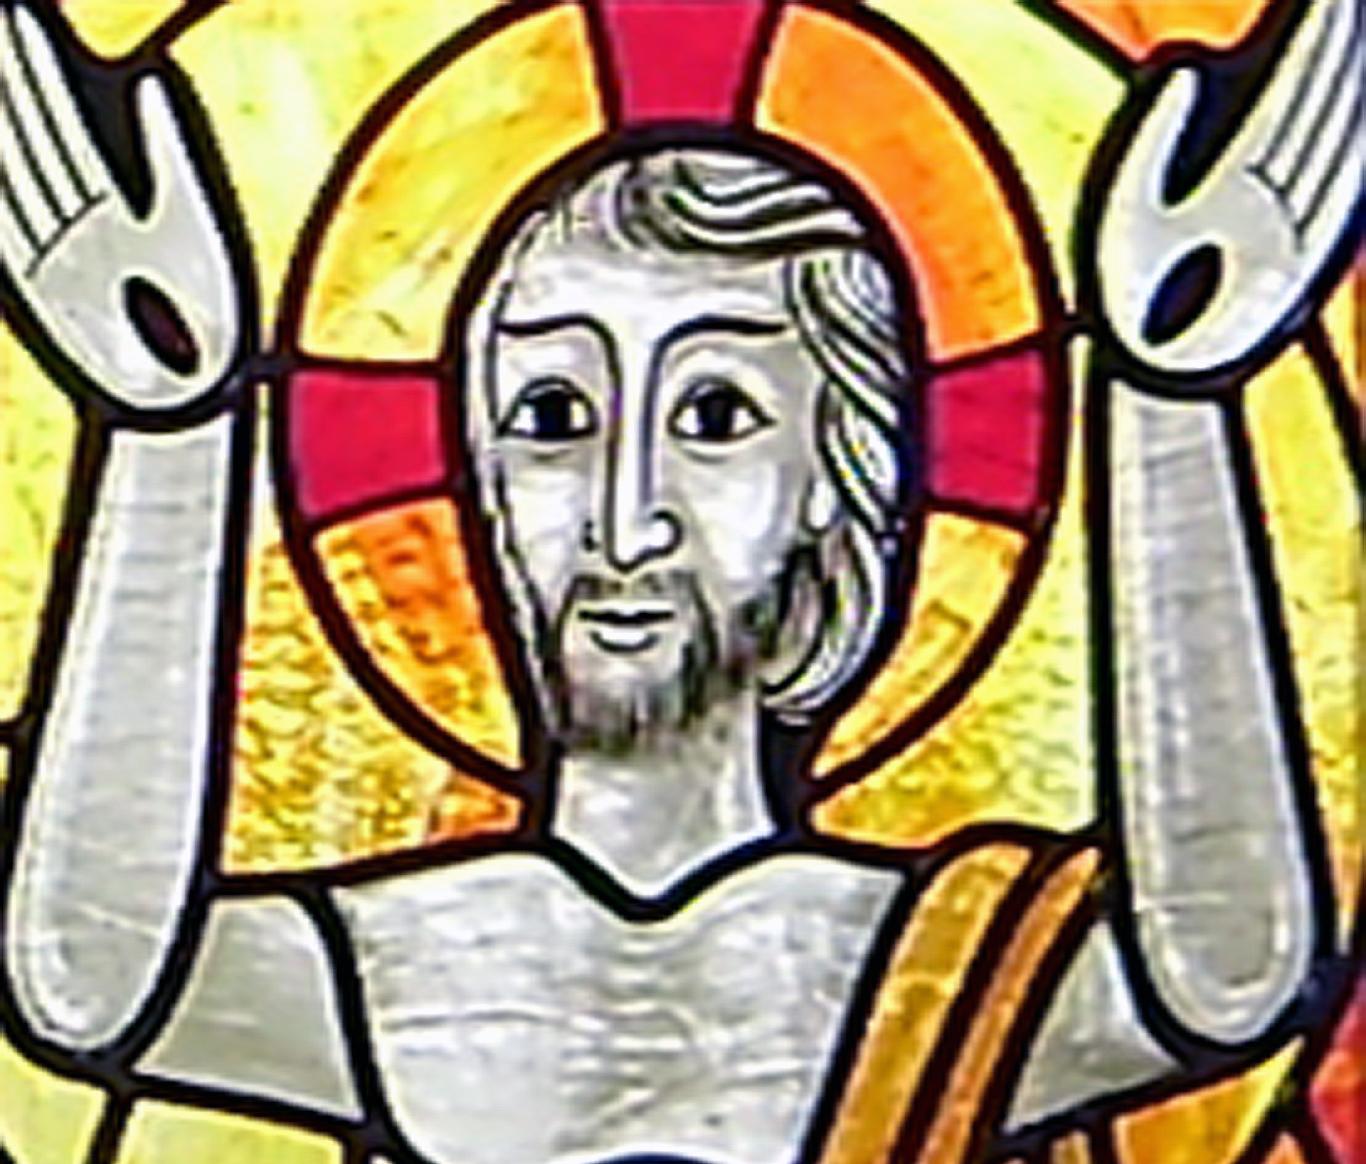 Der Auferstandene - Glasbild aus der Pestkapelle Stiefenhofen